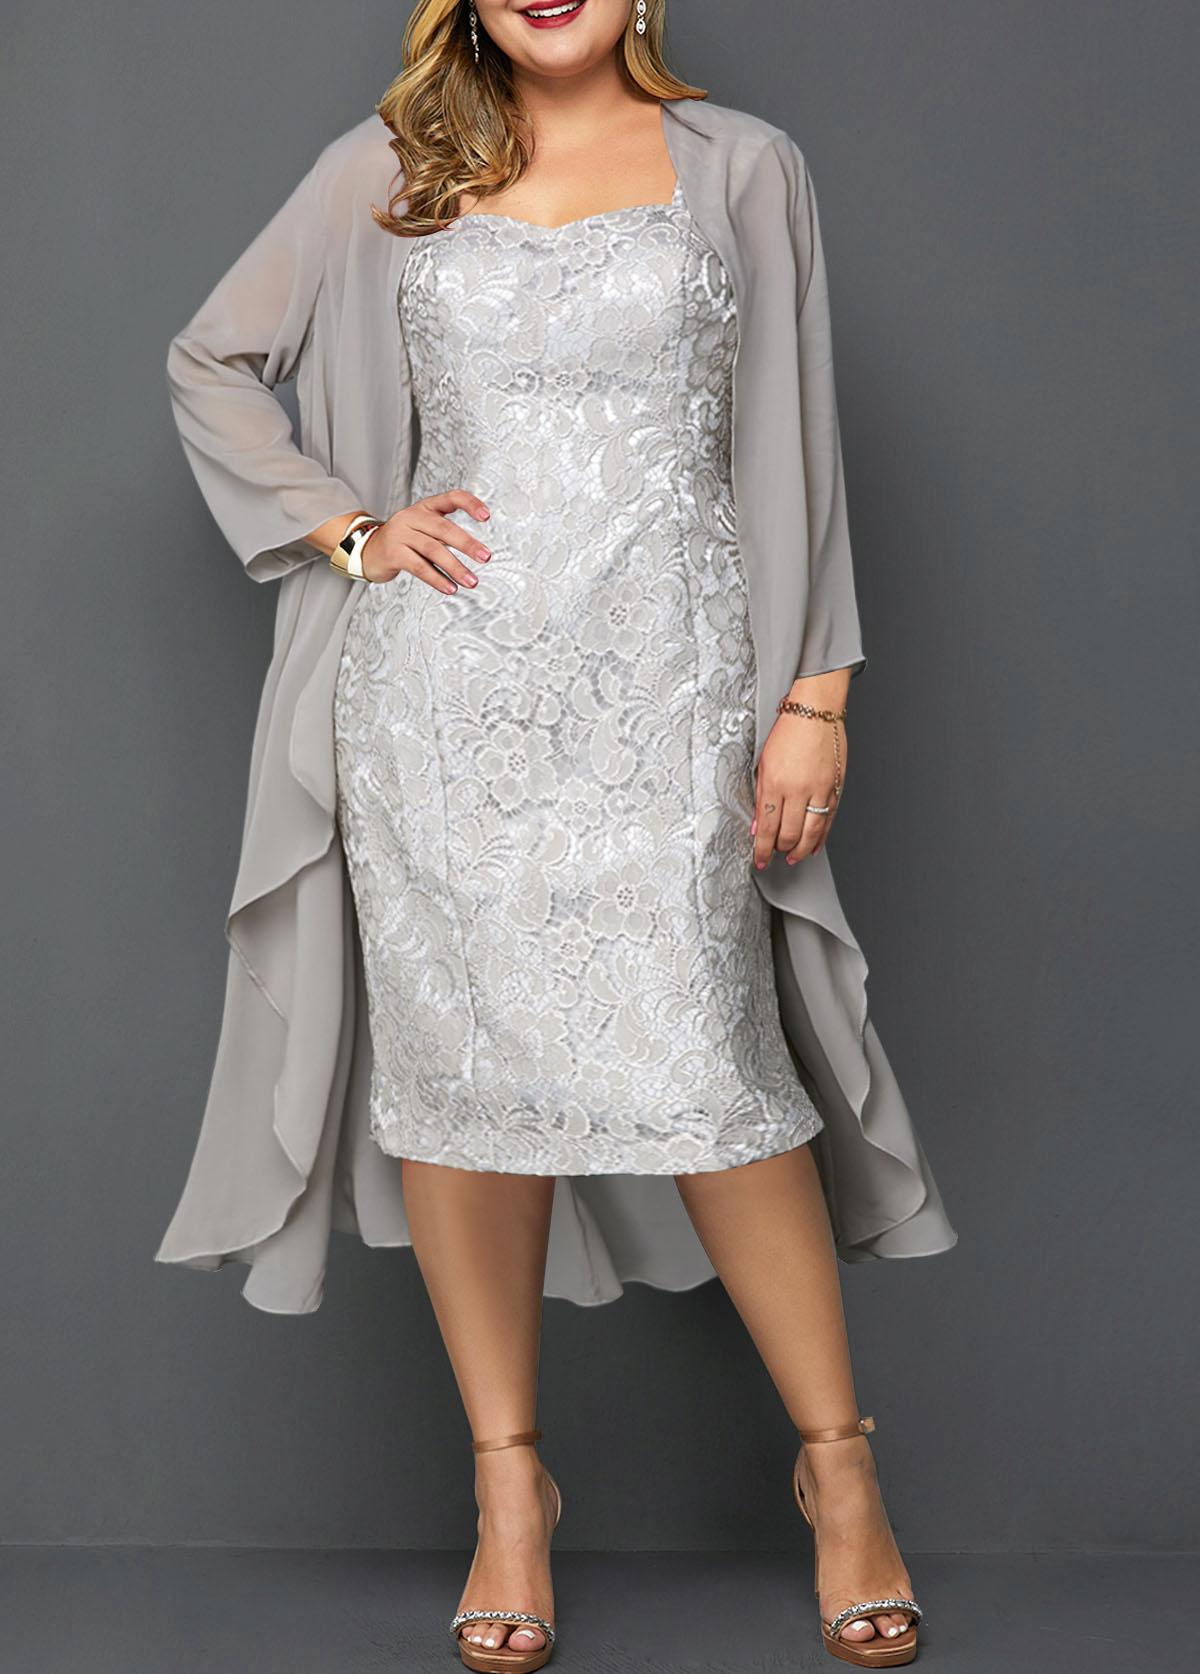 Plus Size Chiffon Cardigan and Lace Sleeveless Dress